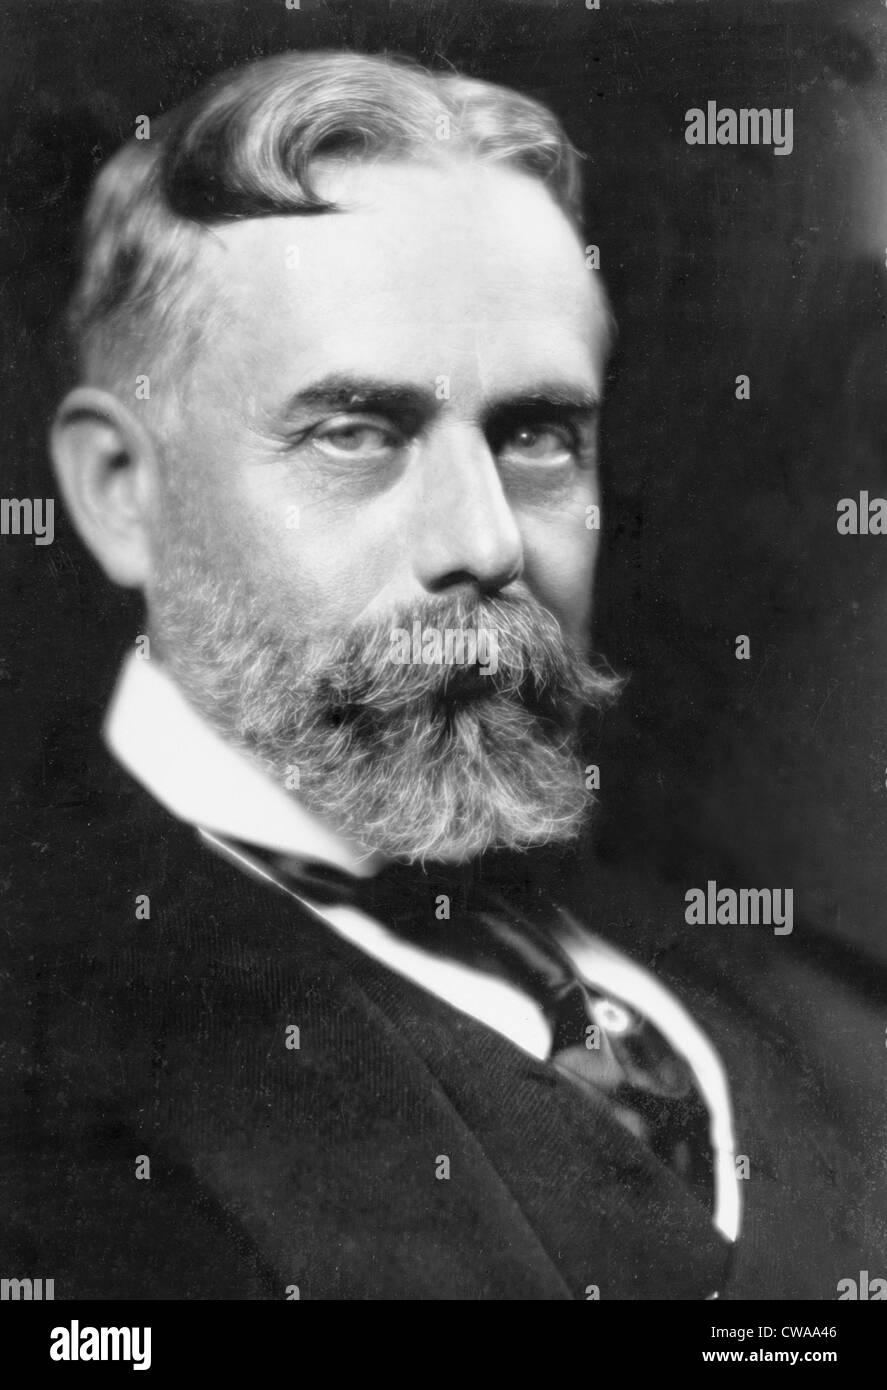 Sir Gilbert Parker (1862-1932), kanadischer Schriftsteller und Politiker, über die Geschichte und das Leben Stockbild